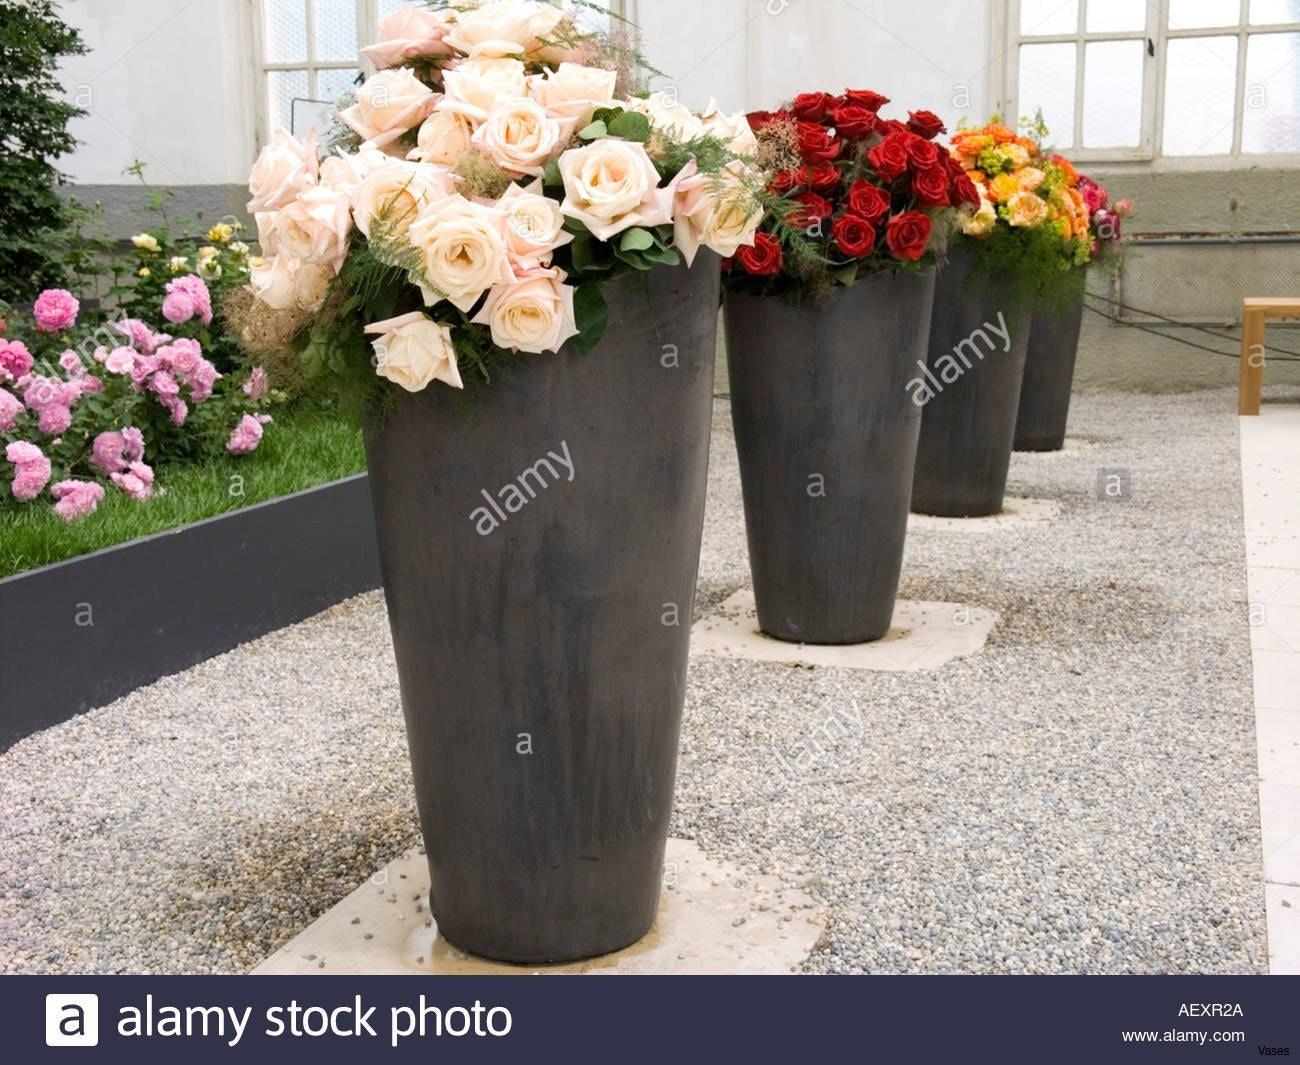 30 Spectacular Large Rustic Vase